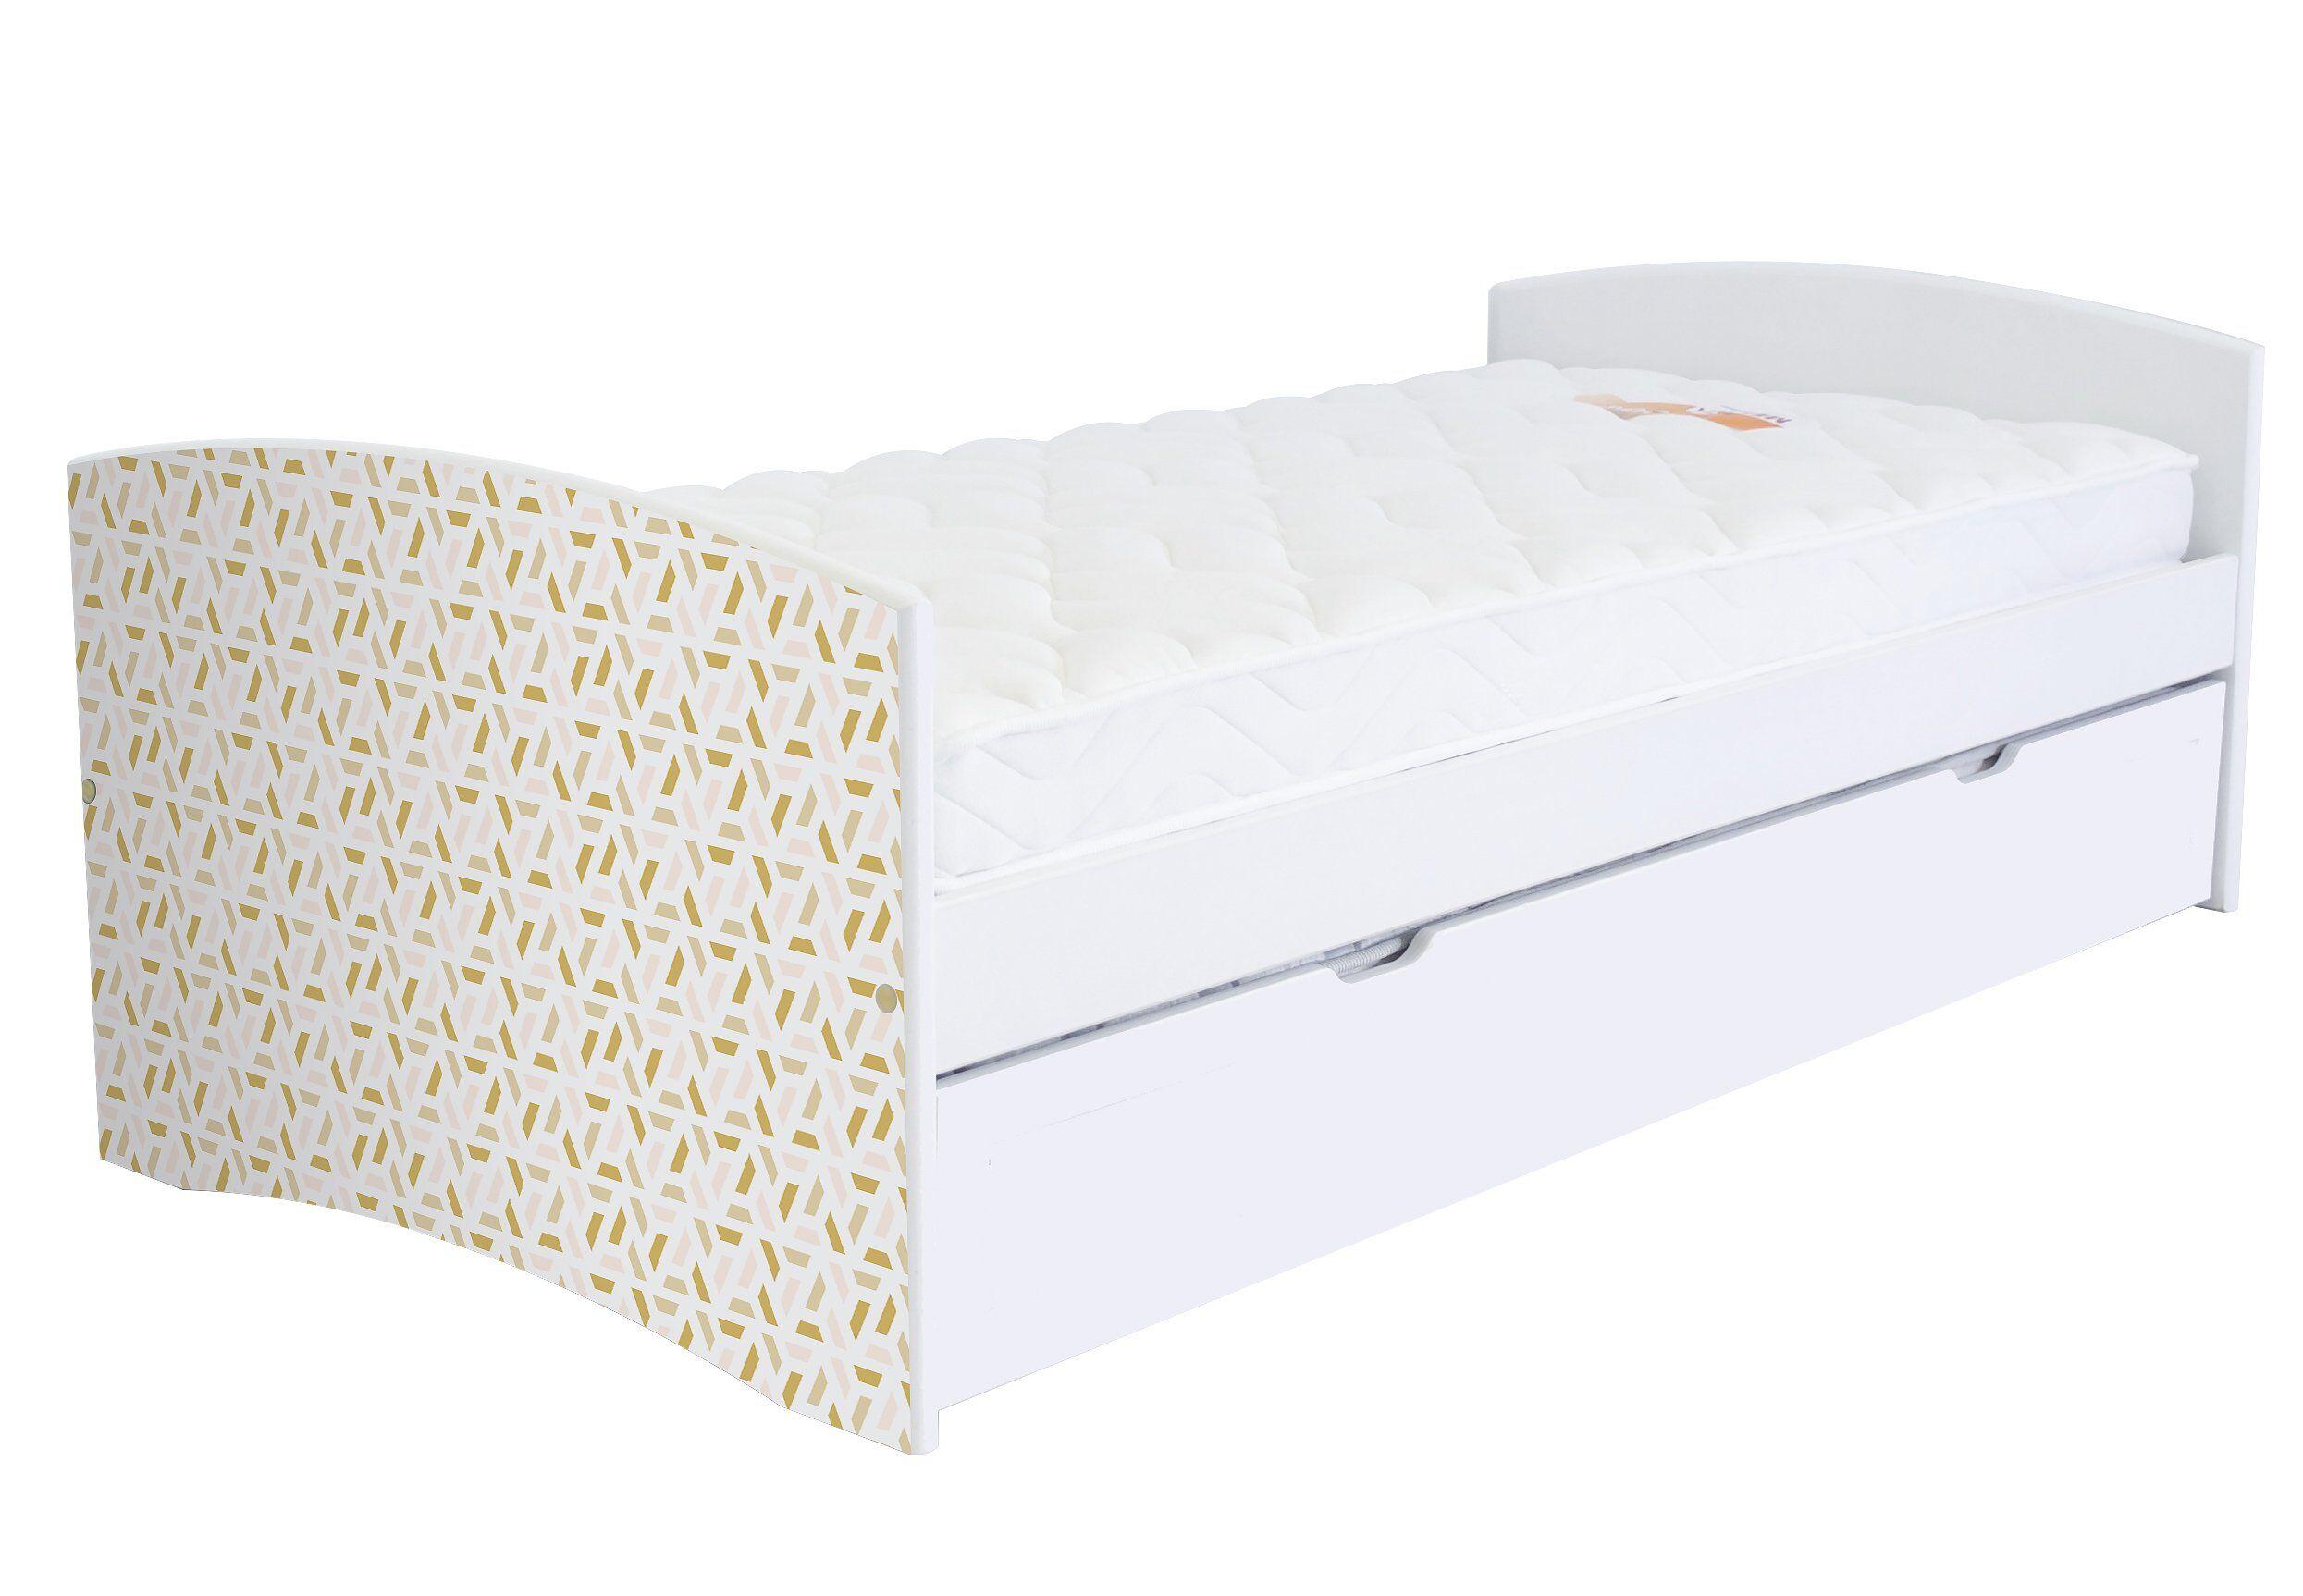 ABC MEUBLES Banquette lit gigogne Happy 90x190 cm bois et décor - 90x190 - Vernis naturel/Décor géométrique